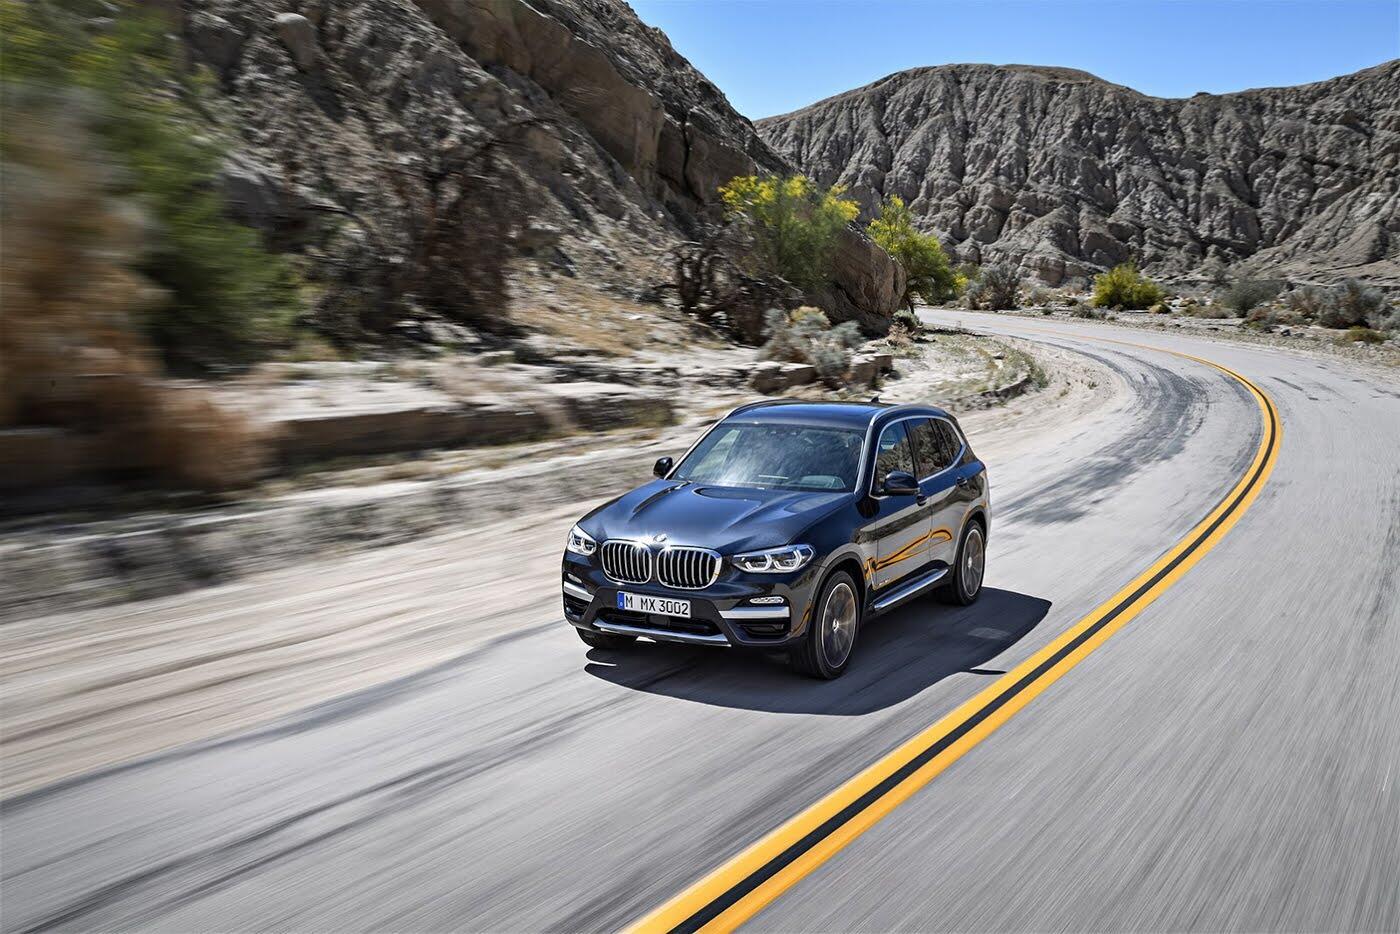 Ảnh chi tiết BMW X3 2018 hoàn toàn mới - Hình 22